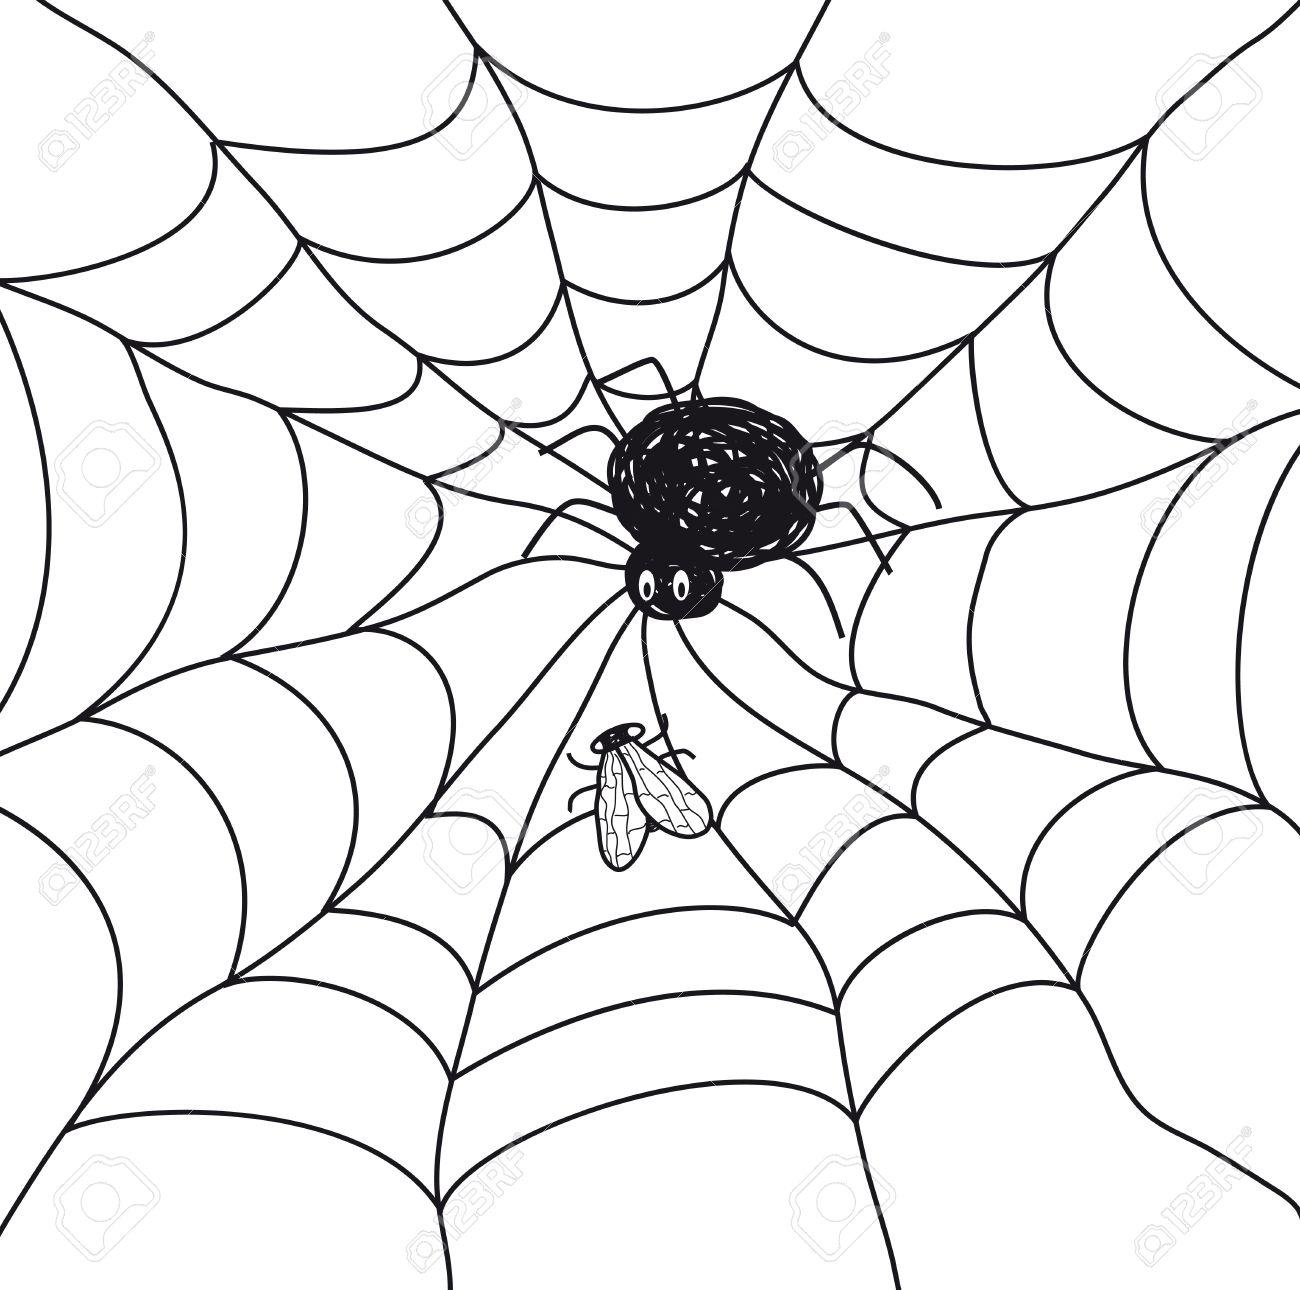 Araña Con Una Mosca En Una Tela Ilustración Sobre Fondo Blanco ...